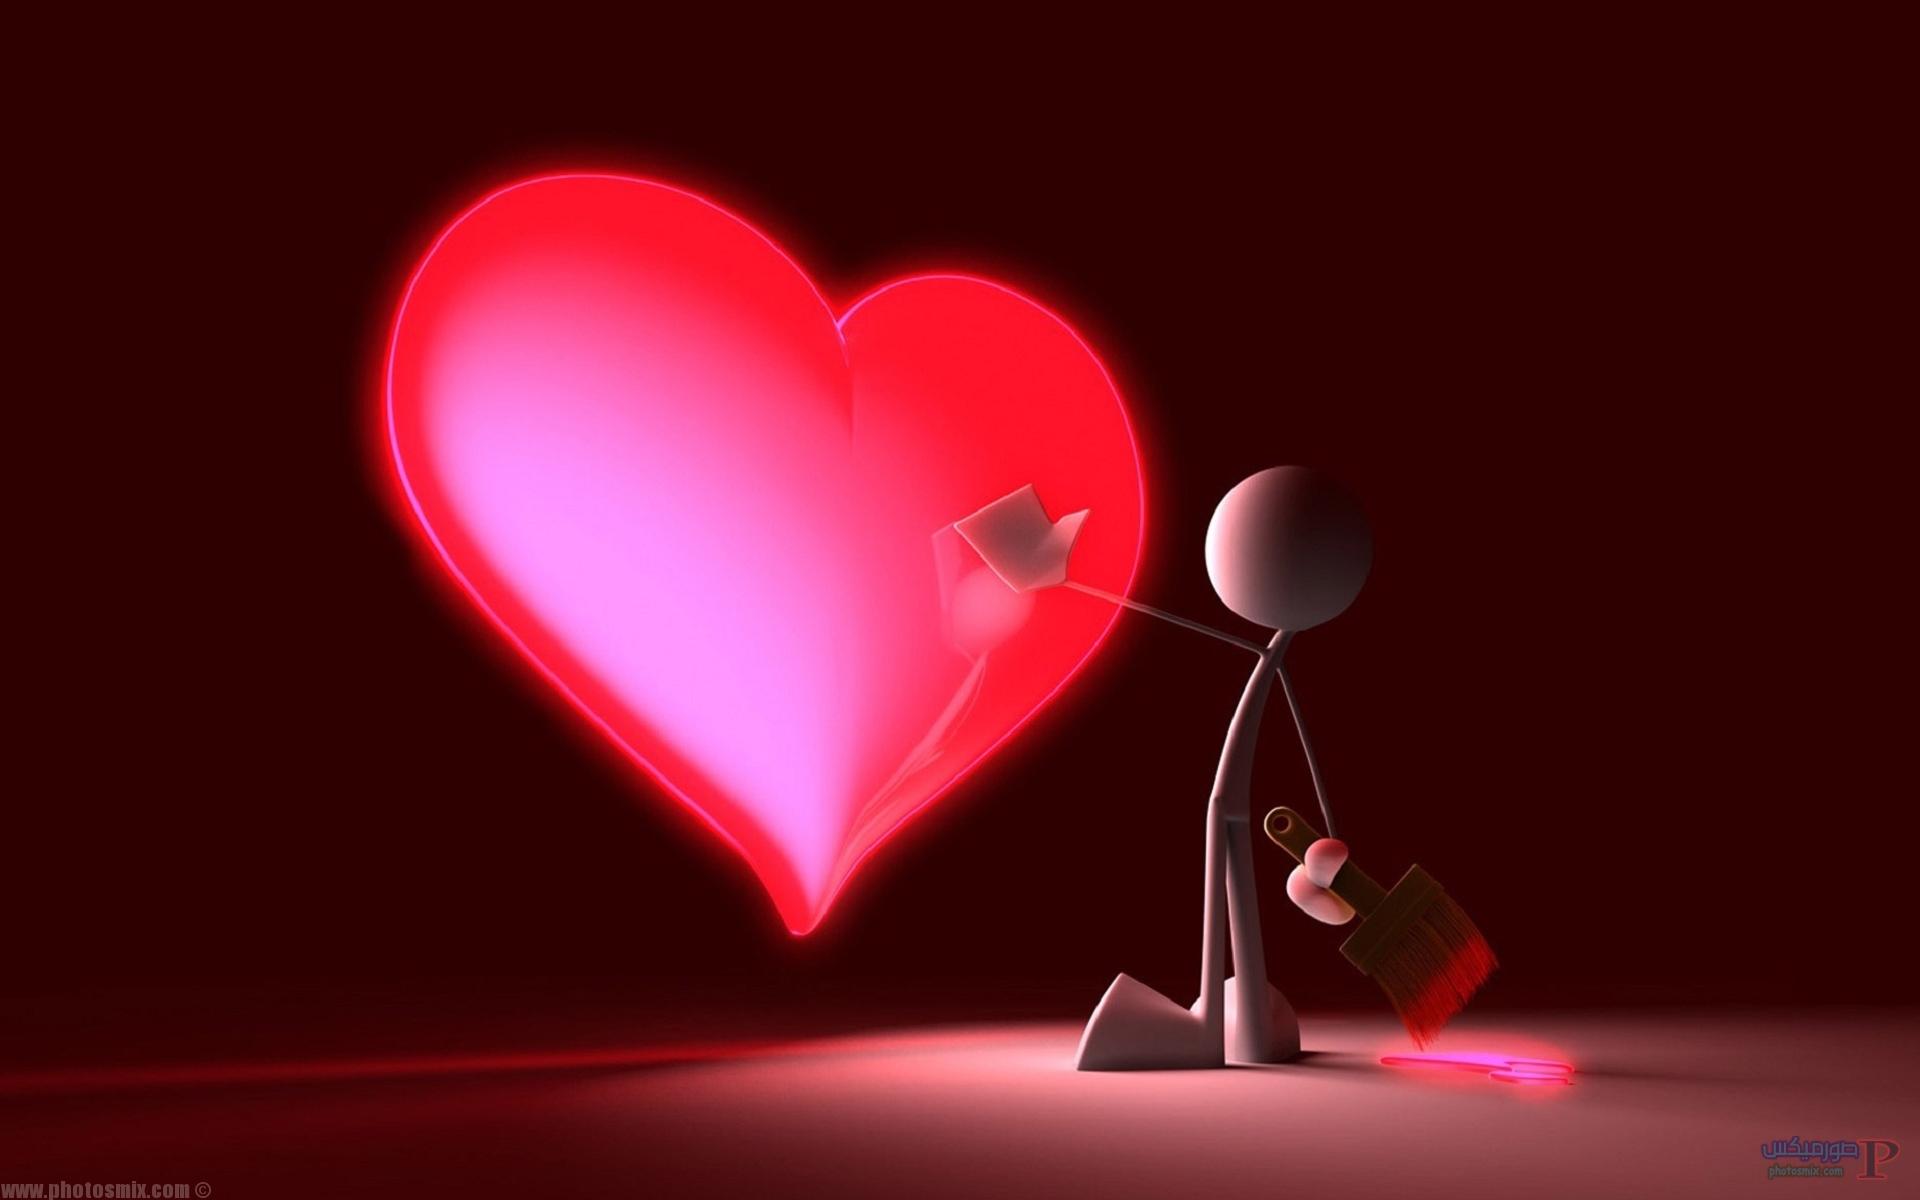 -قلوب-رمانسية-2 صور قلوب رومانسية, احلي قلوب حب وورد 2018, صور قلوب مجروحة